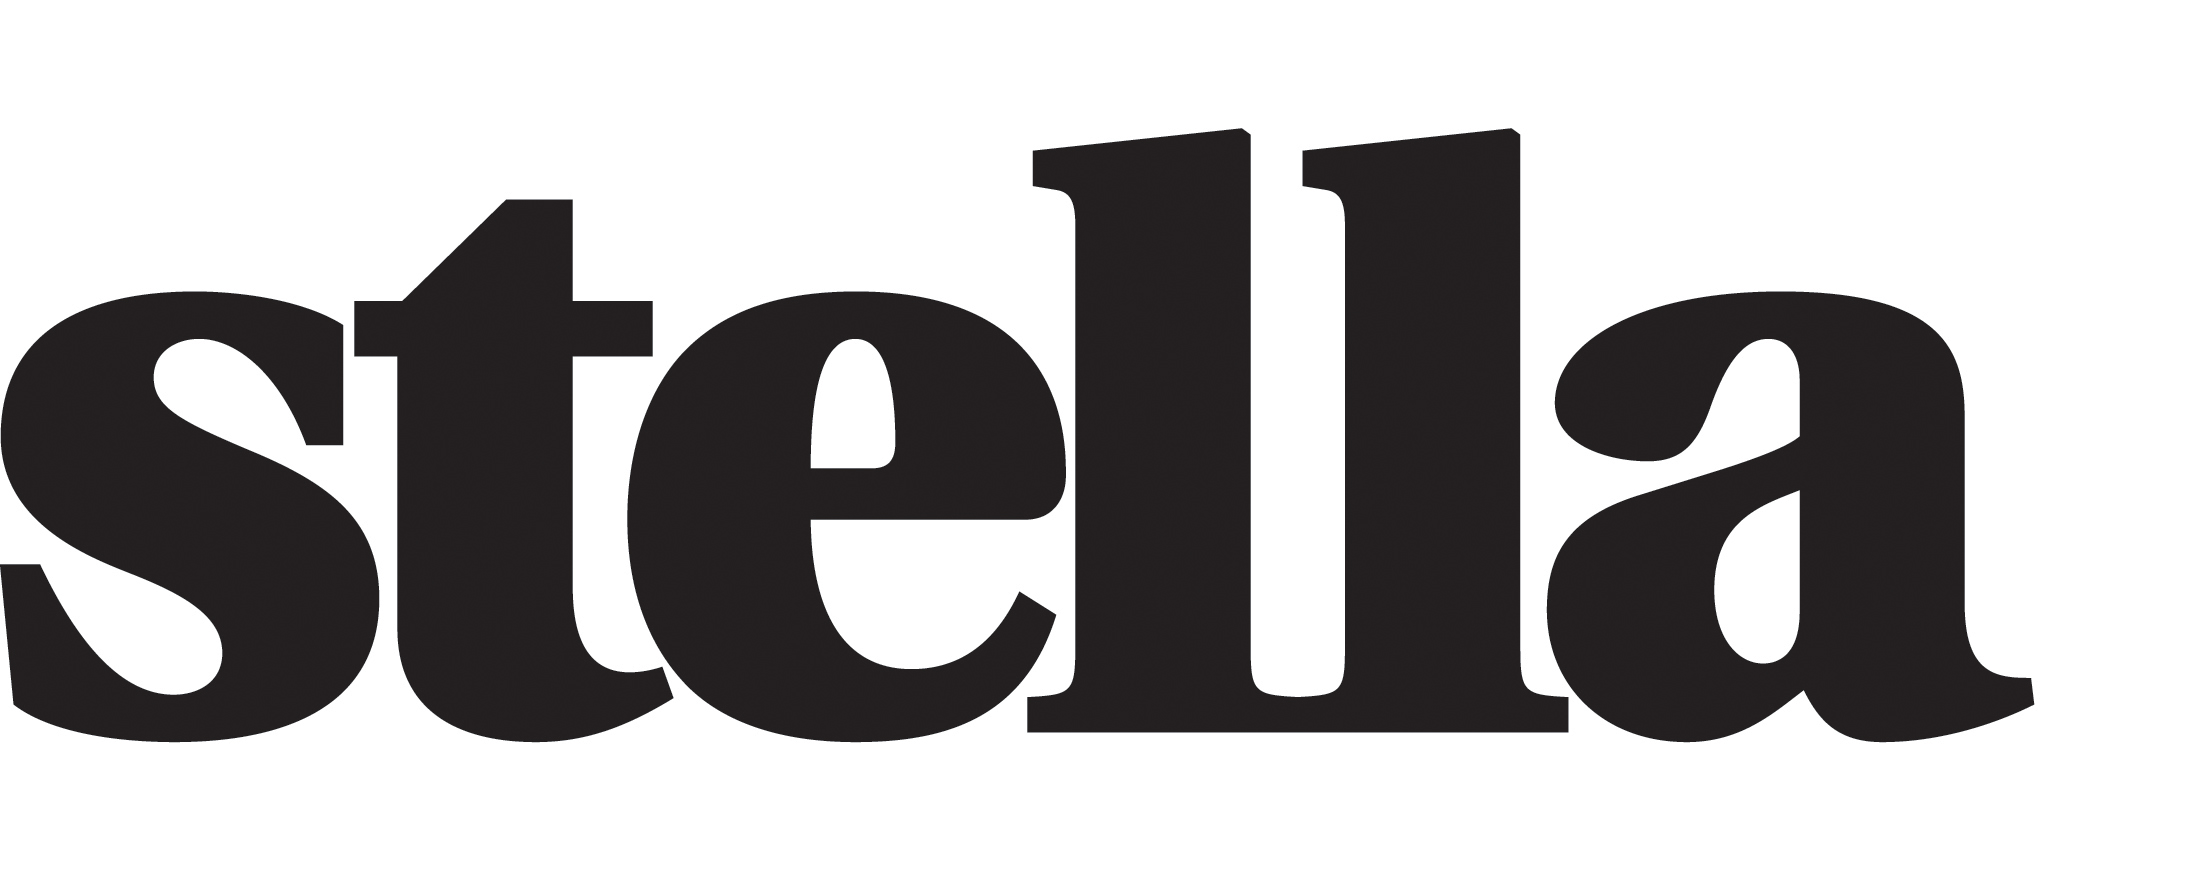 Stella_Magazine_logo.jpg